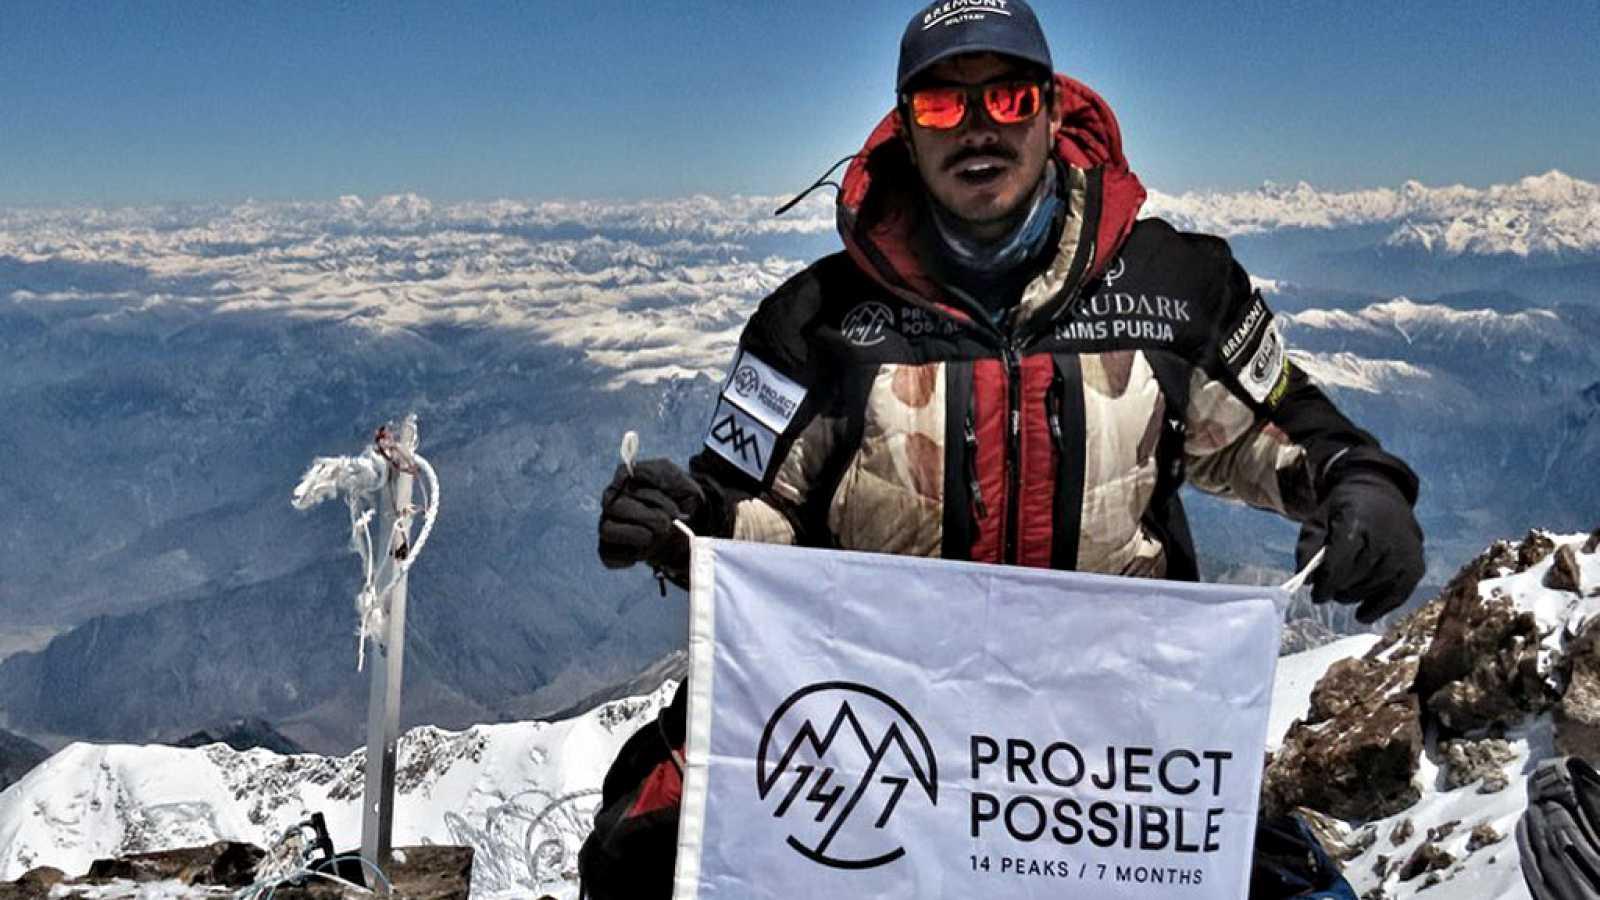 Nirmal Purja, un nepalí de 36 años, se ha convertido en el  escalador que en menos tiempo ha hecho cima en los 14 'ochomiles' del  planeta, un logro conquistado en apenas seis meses y que a otros  alpinistas les ha llevado varios años.